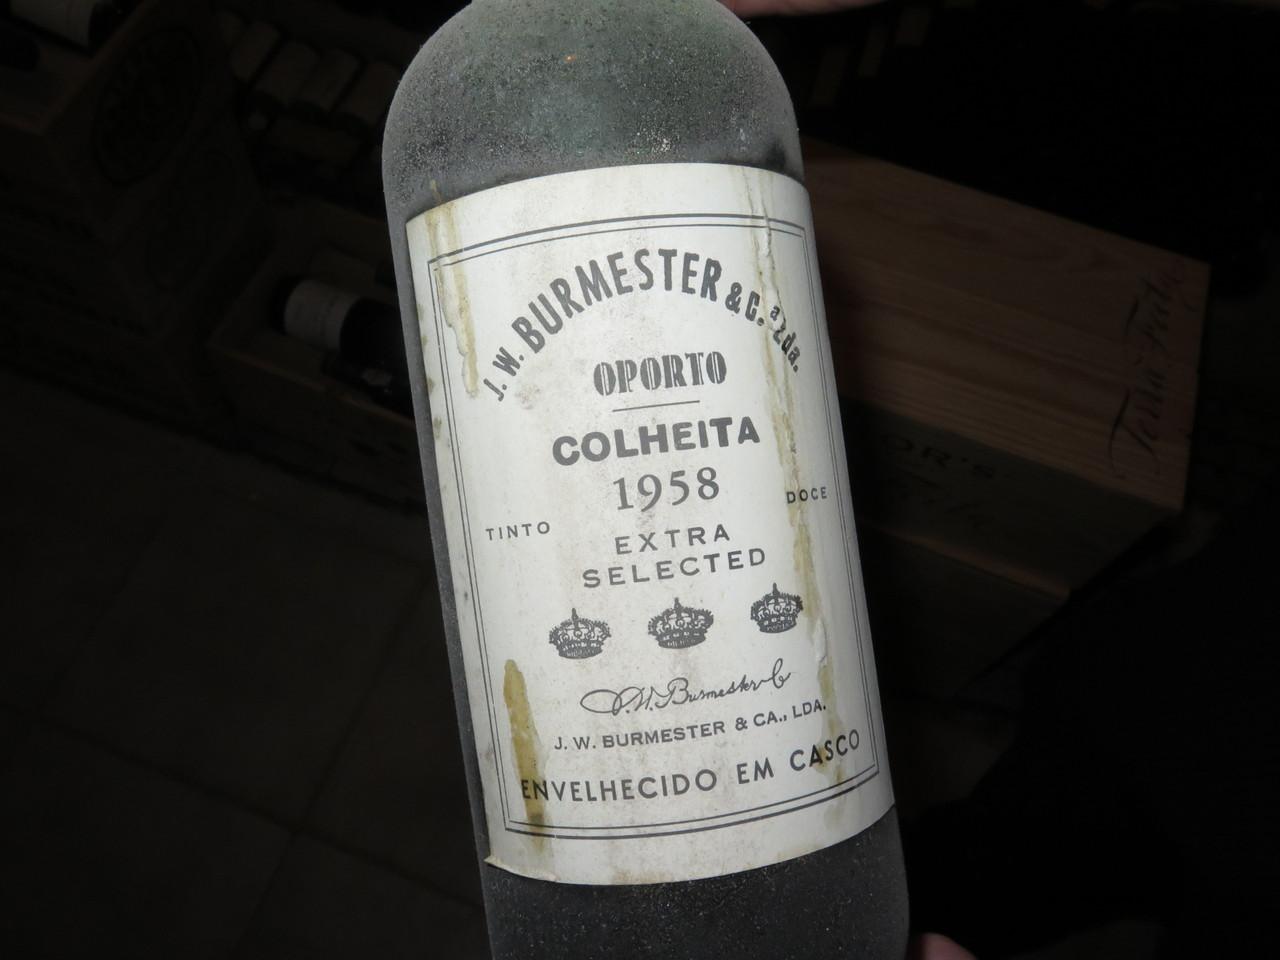 Rodrigo Saragga e o Burmester Porto Colheita 1958, atualmente servido a copo no restaurante